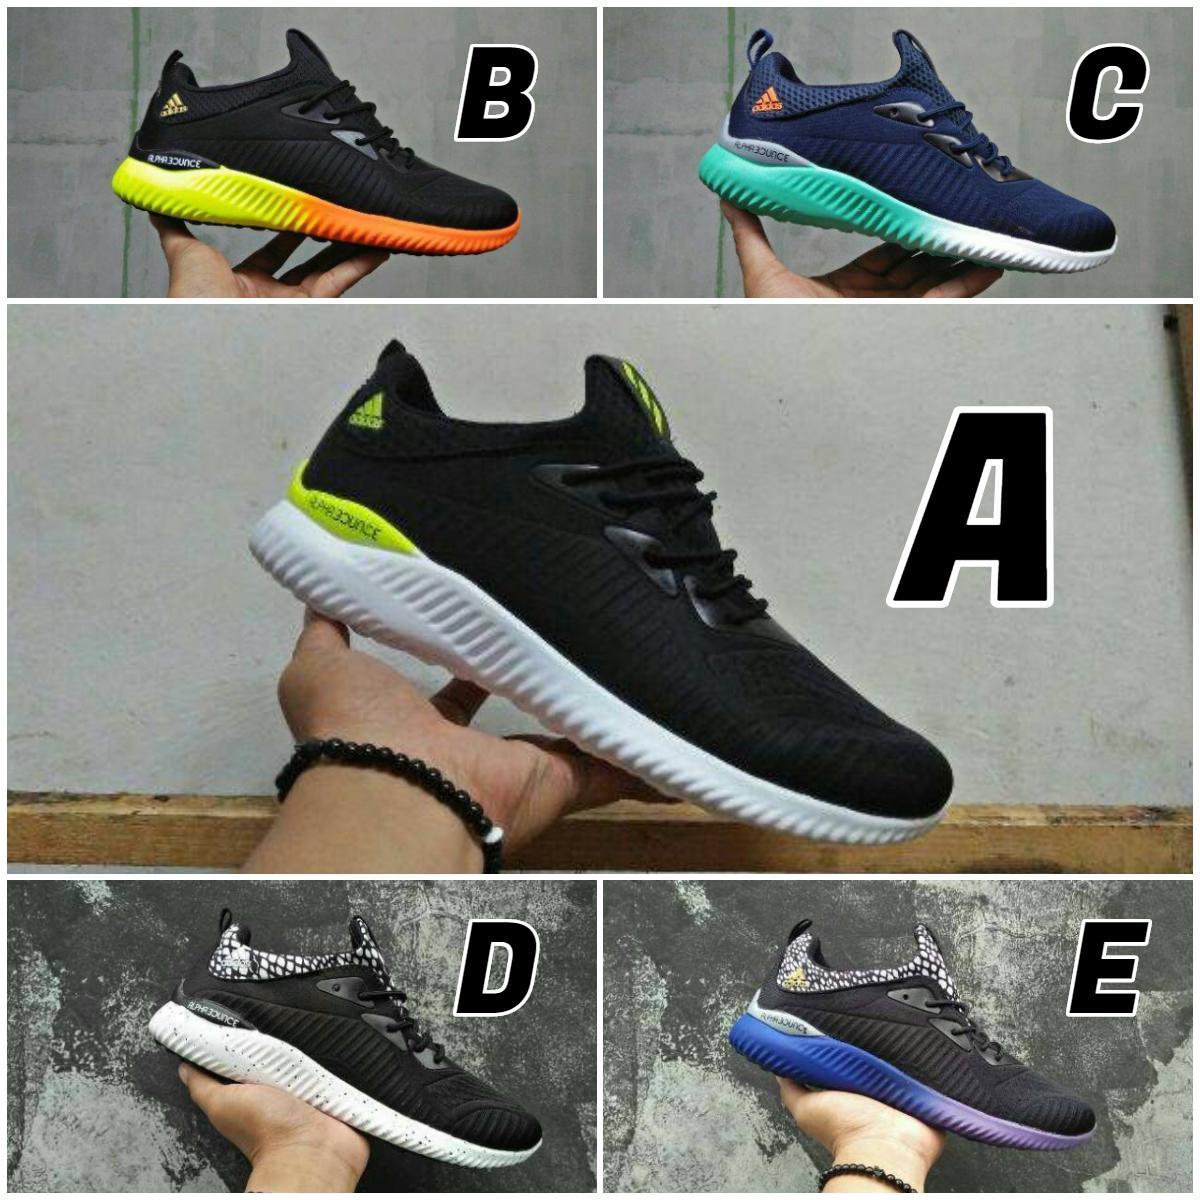 Cek Harga Baru Sepatu Olahraga Pria Sepatu Sport Sneakers Pria ... 0f39a1f9bb